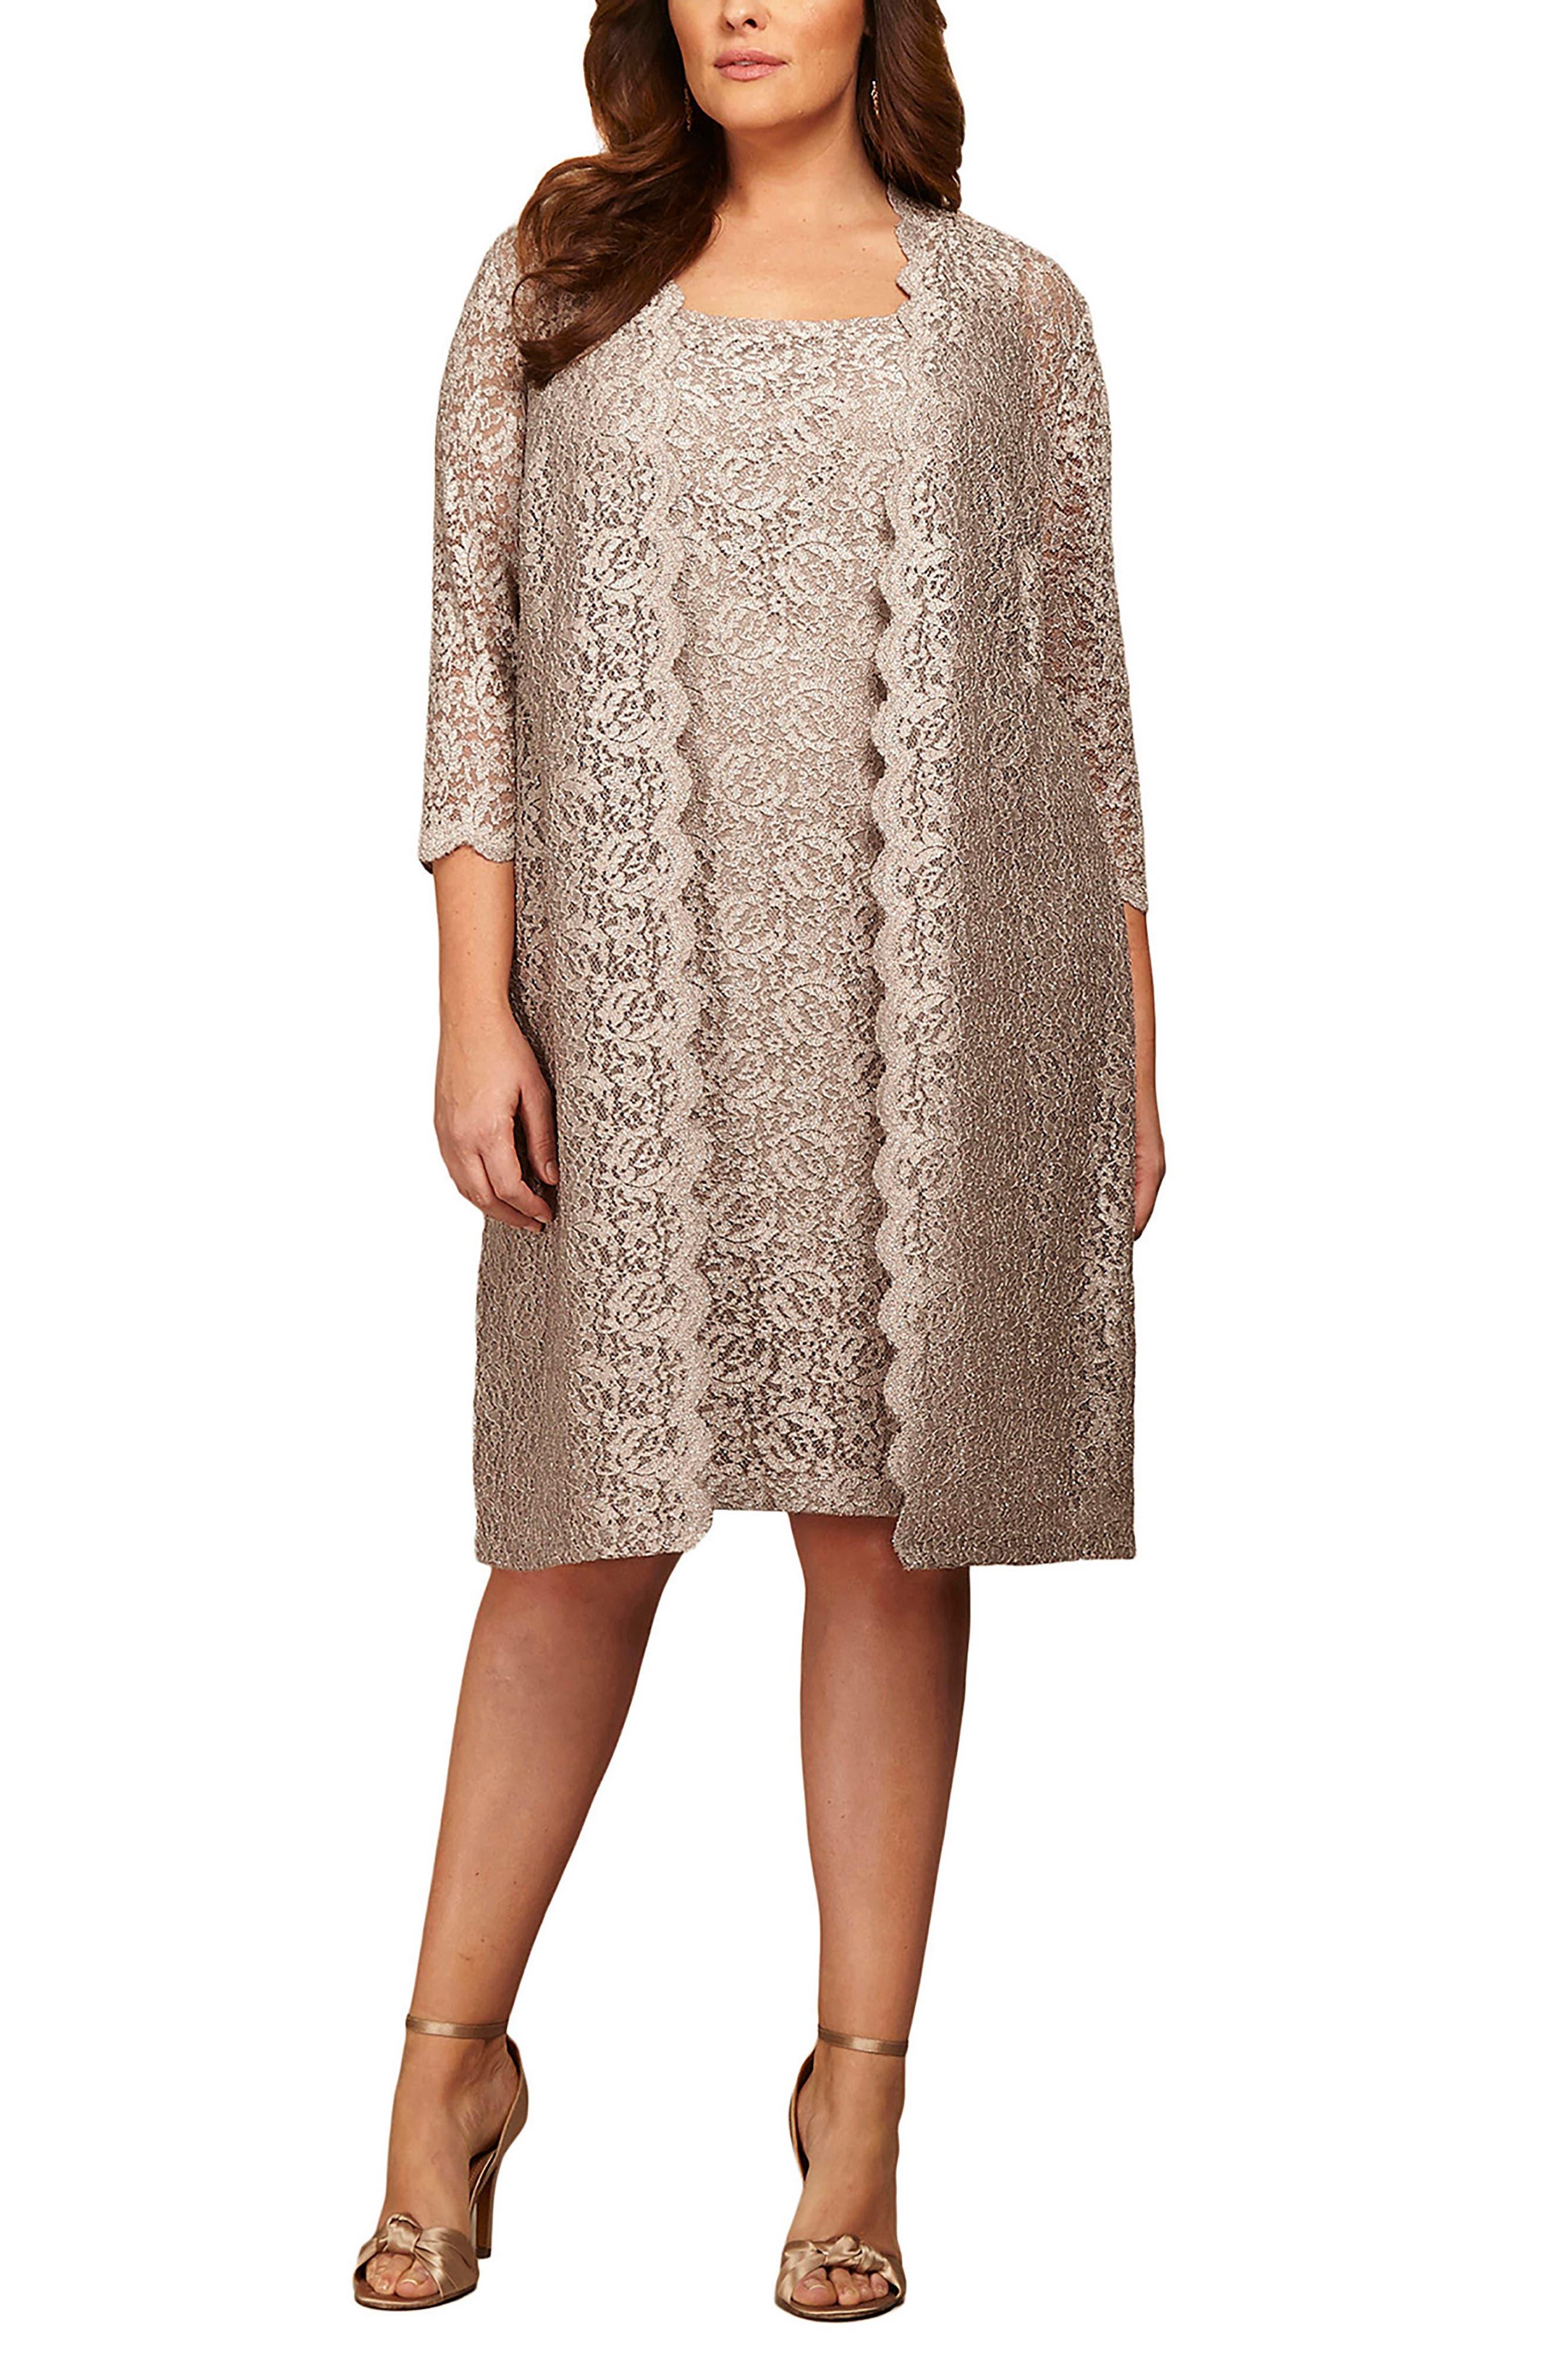 1960s Evening Dresses, Bridesmaids, Mothers Gowns Plus Size Womens Alex Evenings Lace Jacket Dress $219.00 AT vintagedancer.com